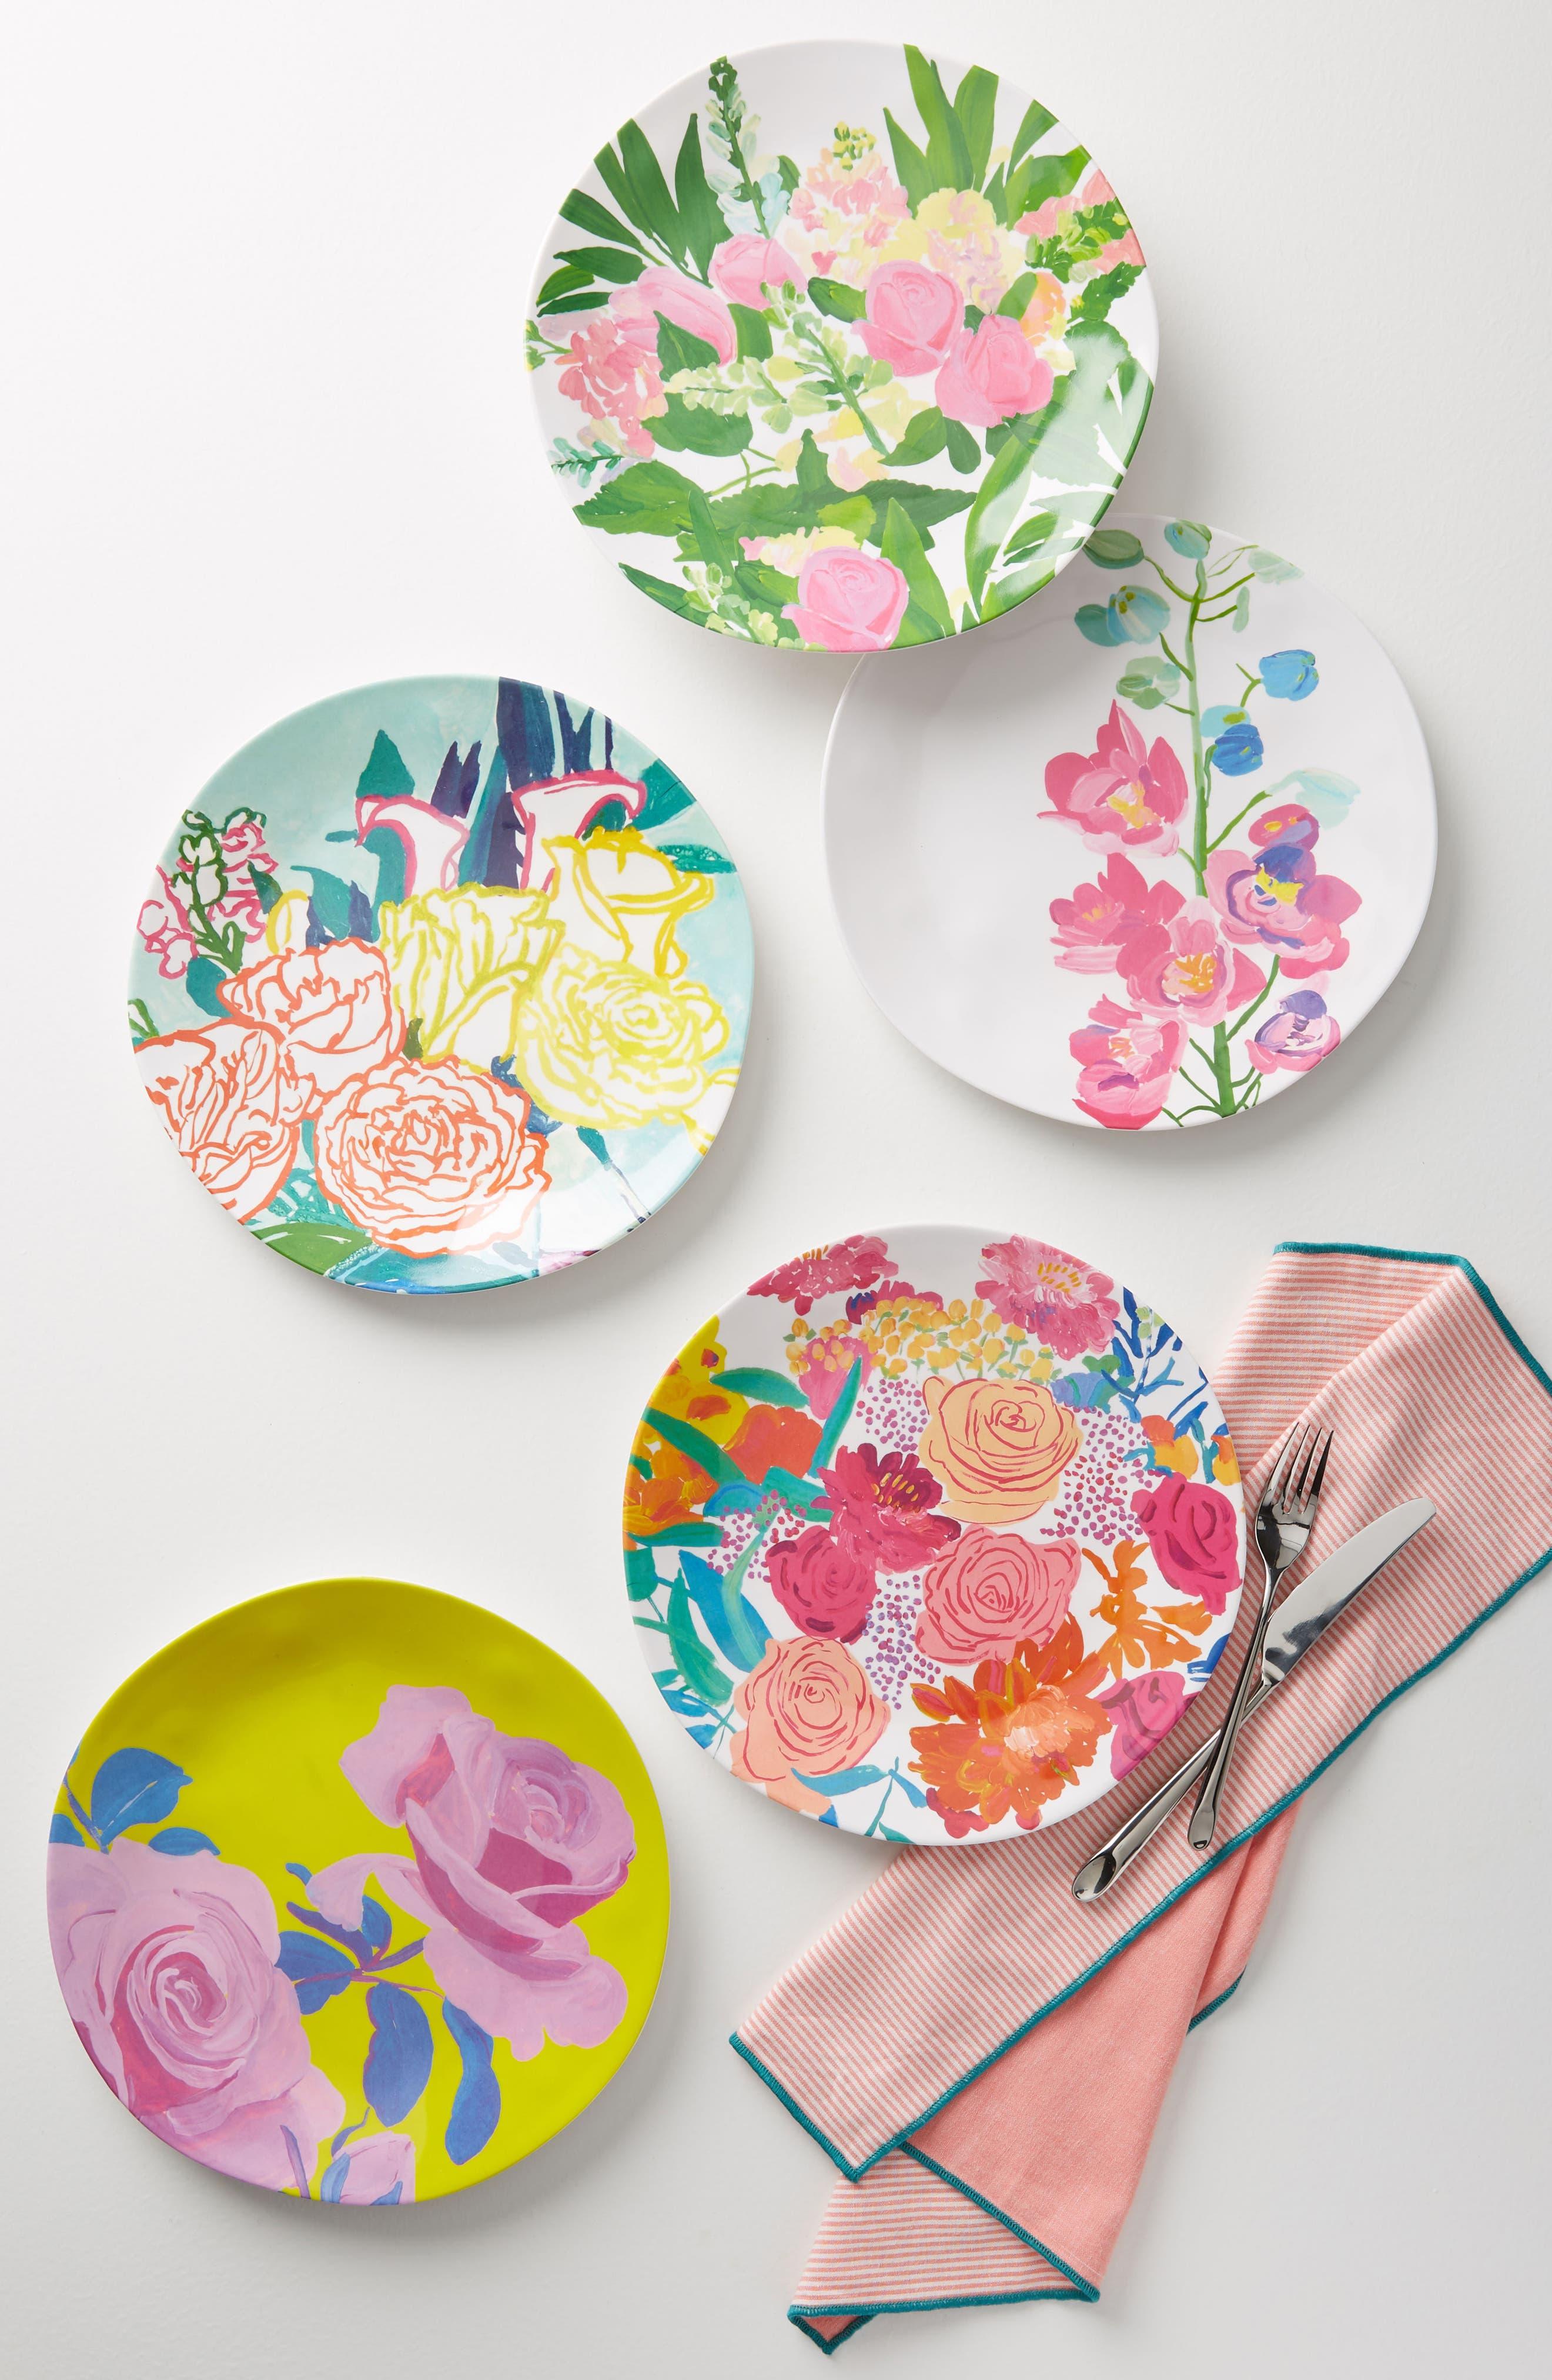 Paint + Petals Melamine Plate,                         Main,                         color, Turquoise